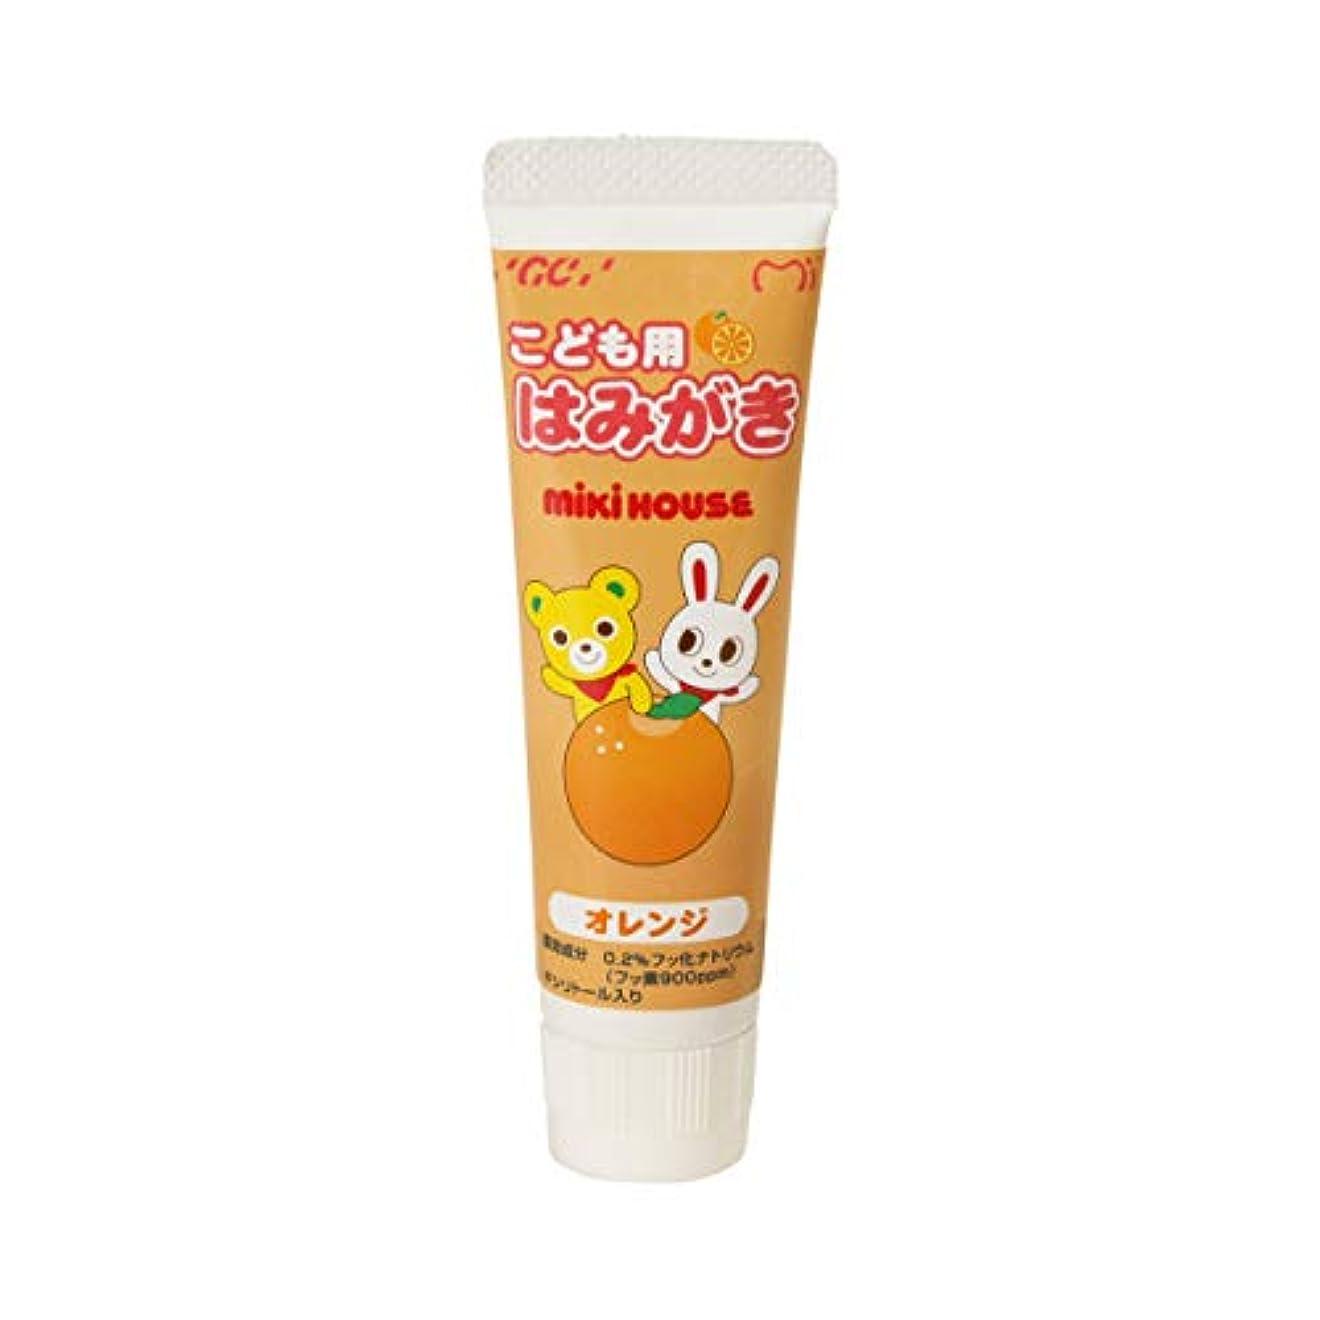 ミキハウス (MIKIHOUSE) 歯みがき 15-4065-676 - オレンジ